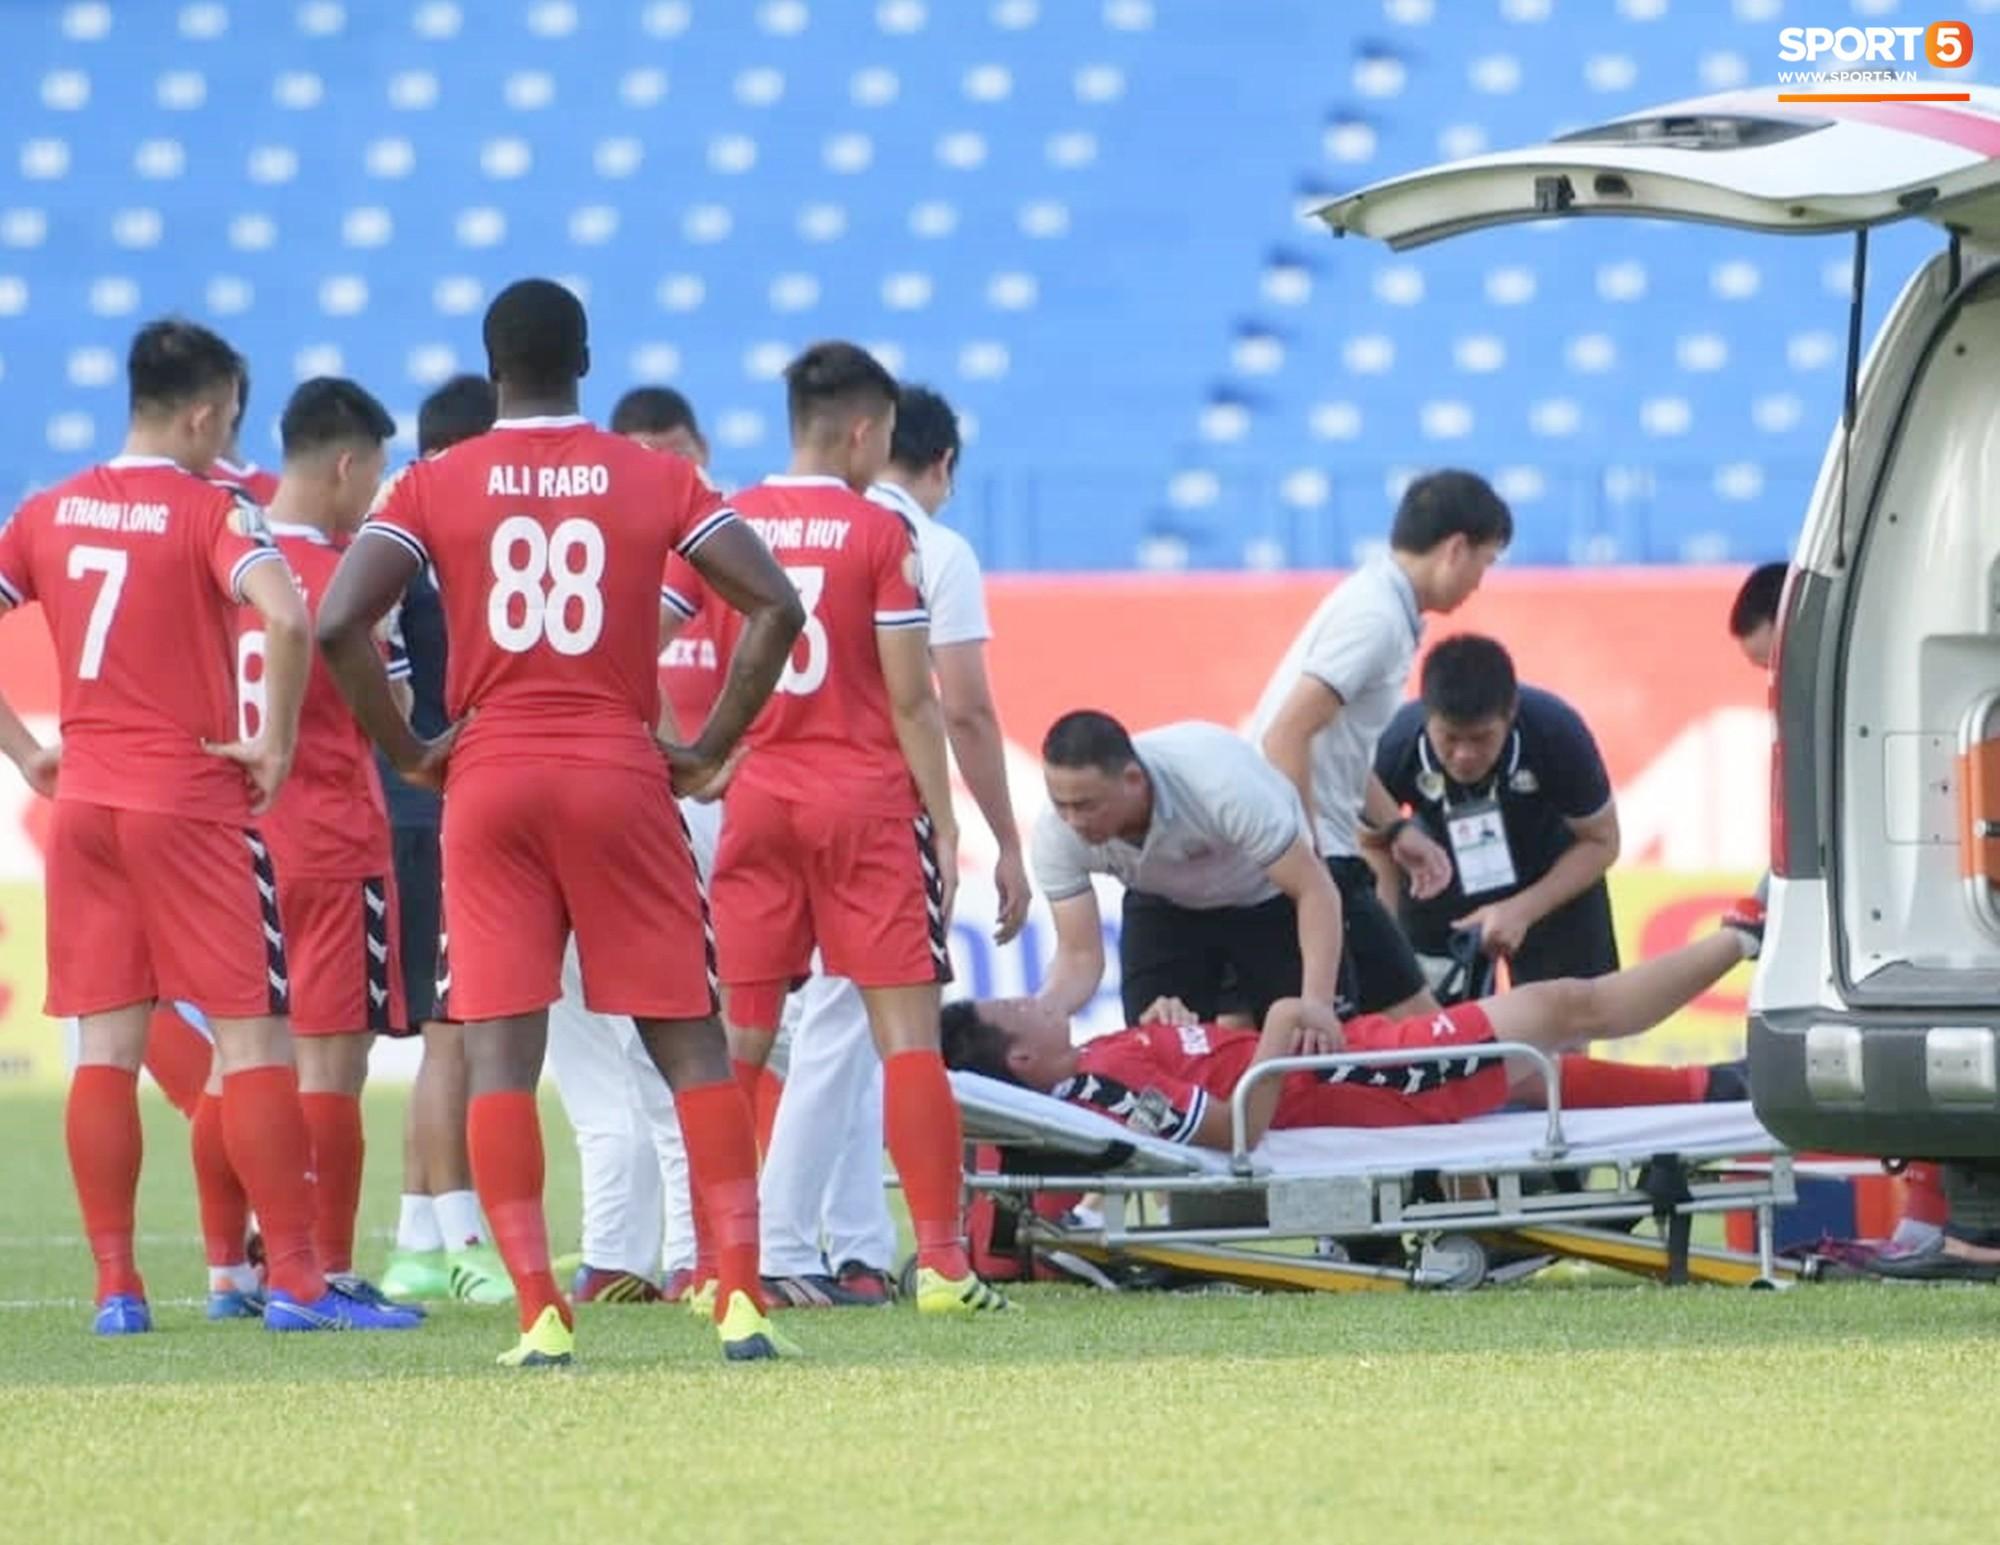 Tuyển thủ U22 Việt Nam va chạm cực mạnh, bất tỉnh chỉ sau 2 phút thi đấu - Ảnh 4.